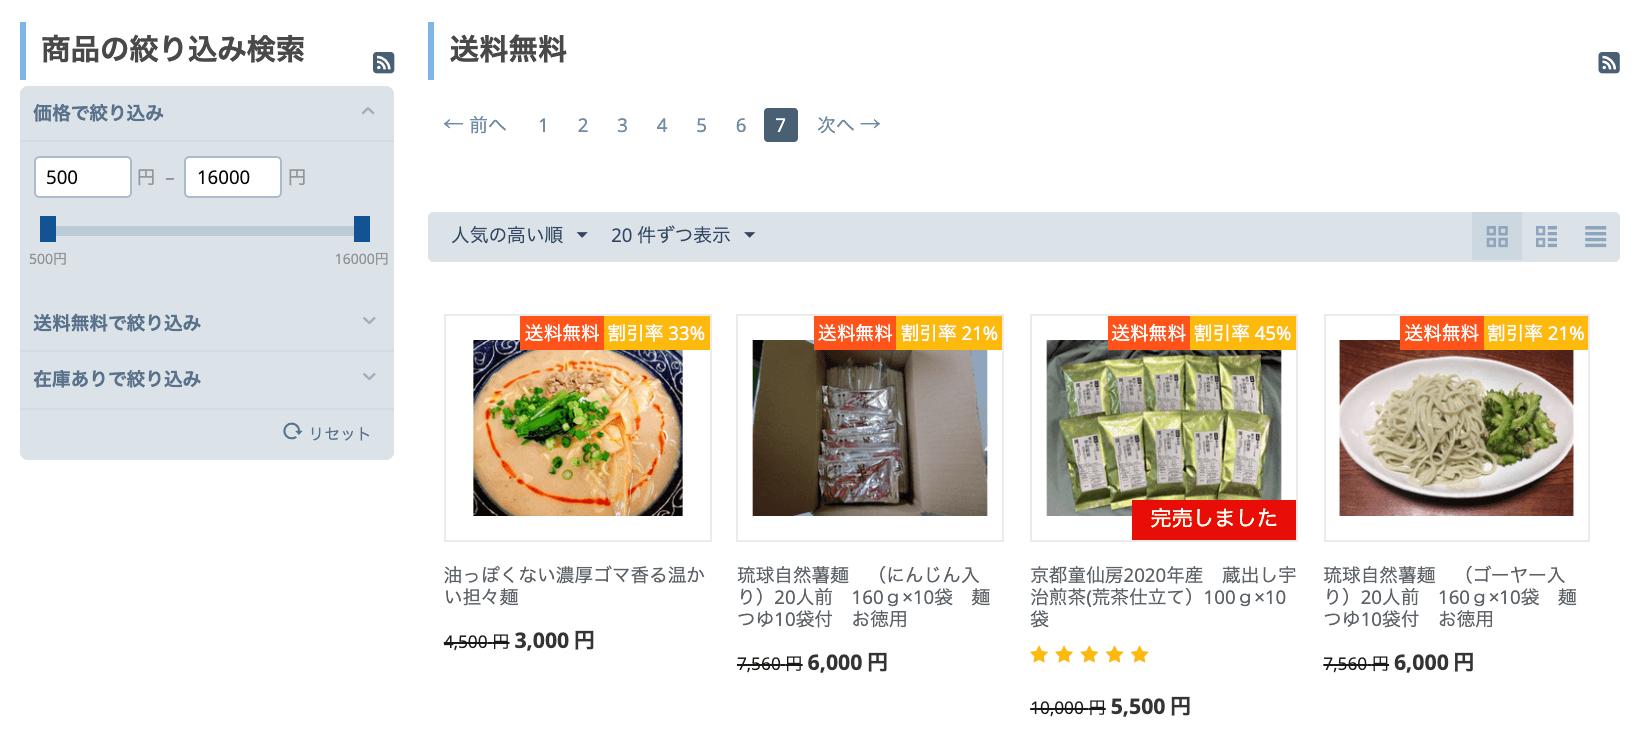 WakeAi(ワケアイ)送料無料商品